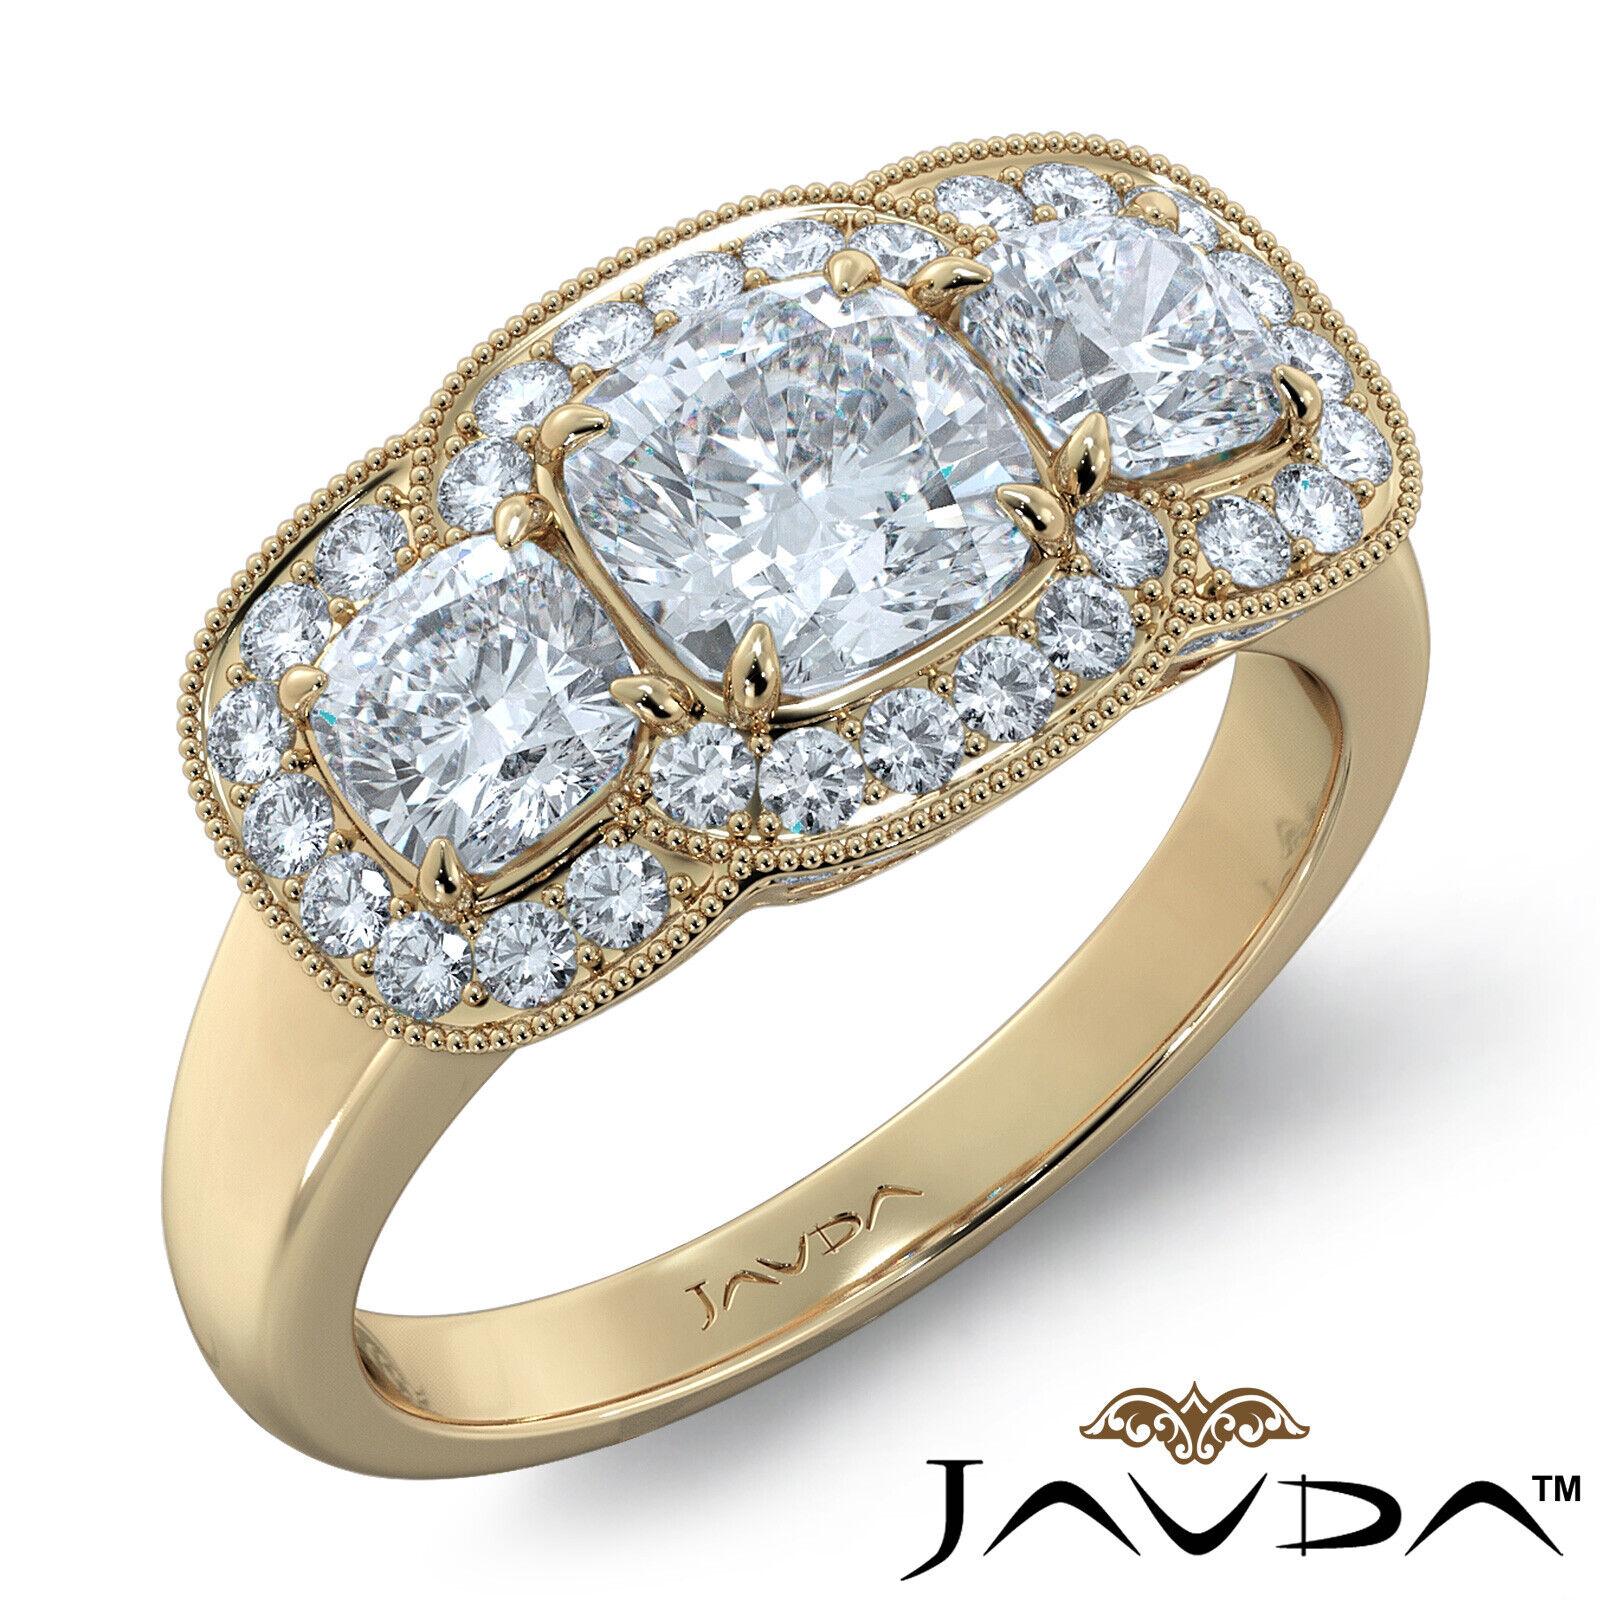 2.25ctw Milgrain Halo 3 Stone Cushion Diamond Engagement Ring GIA I-SI1 W Gold 7